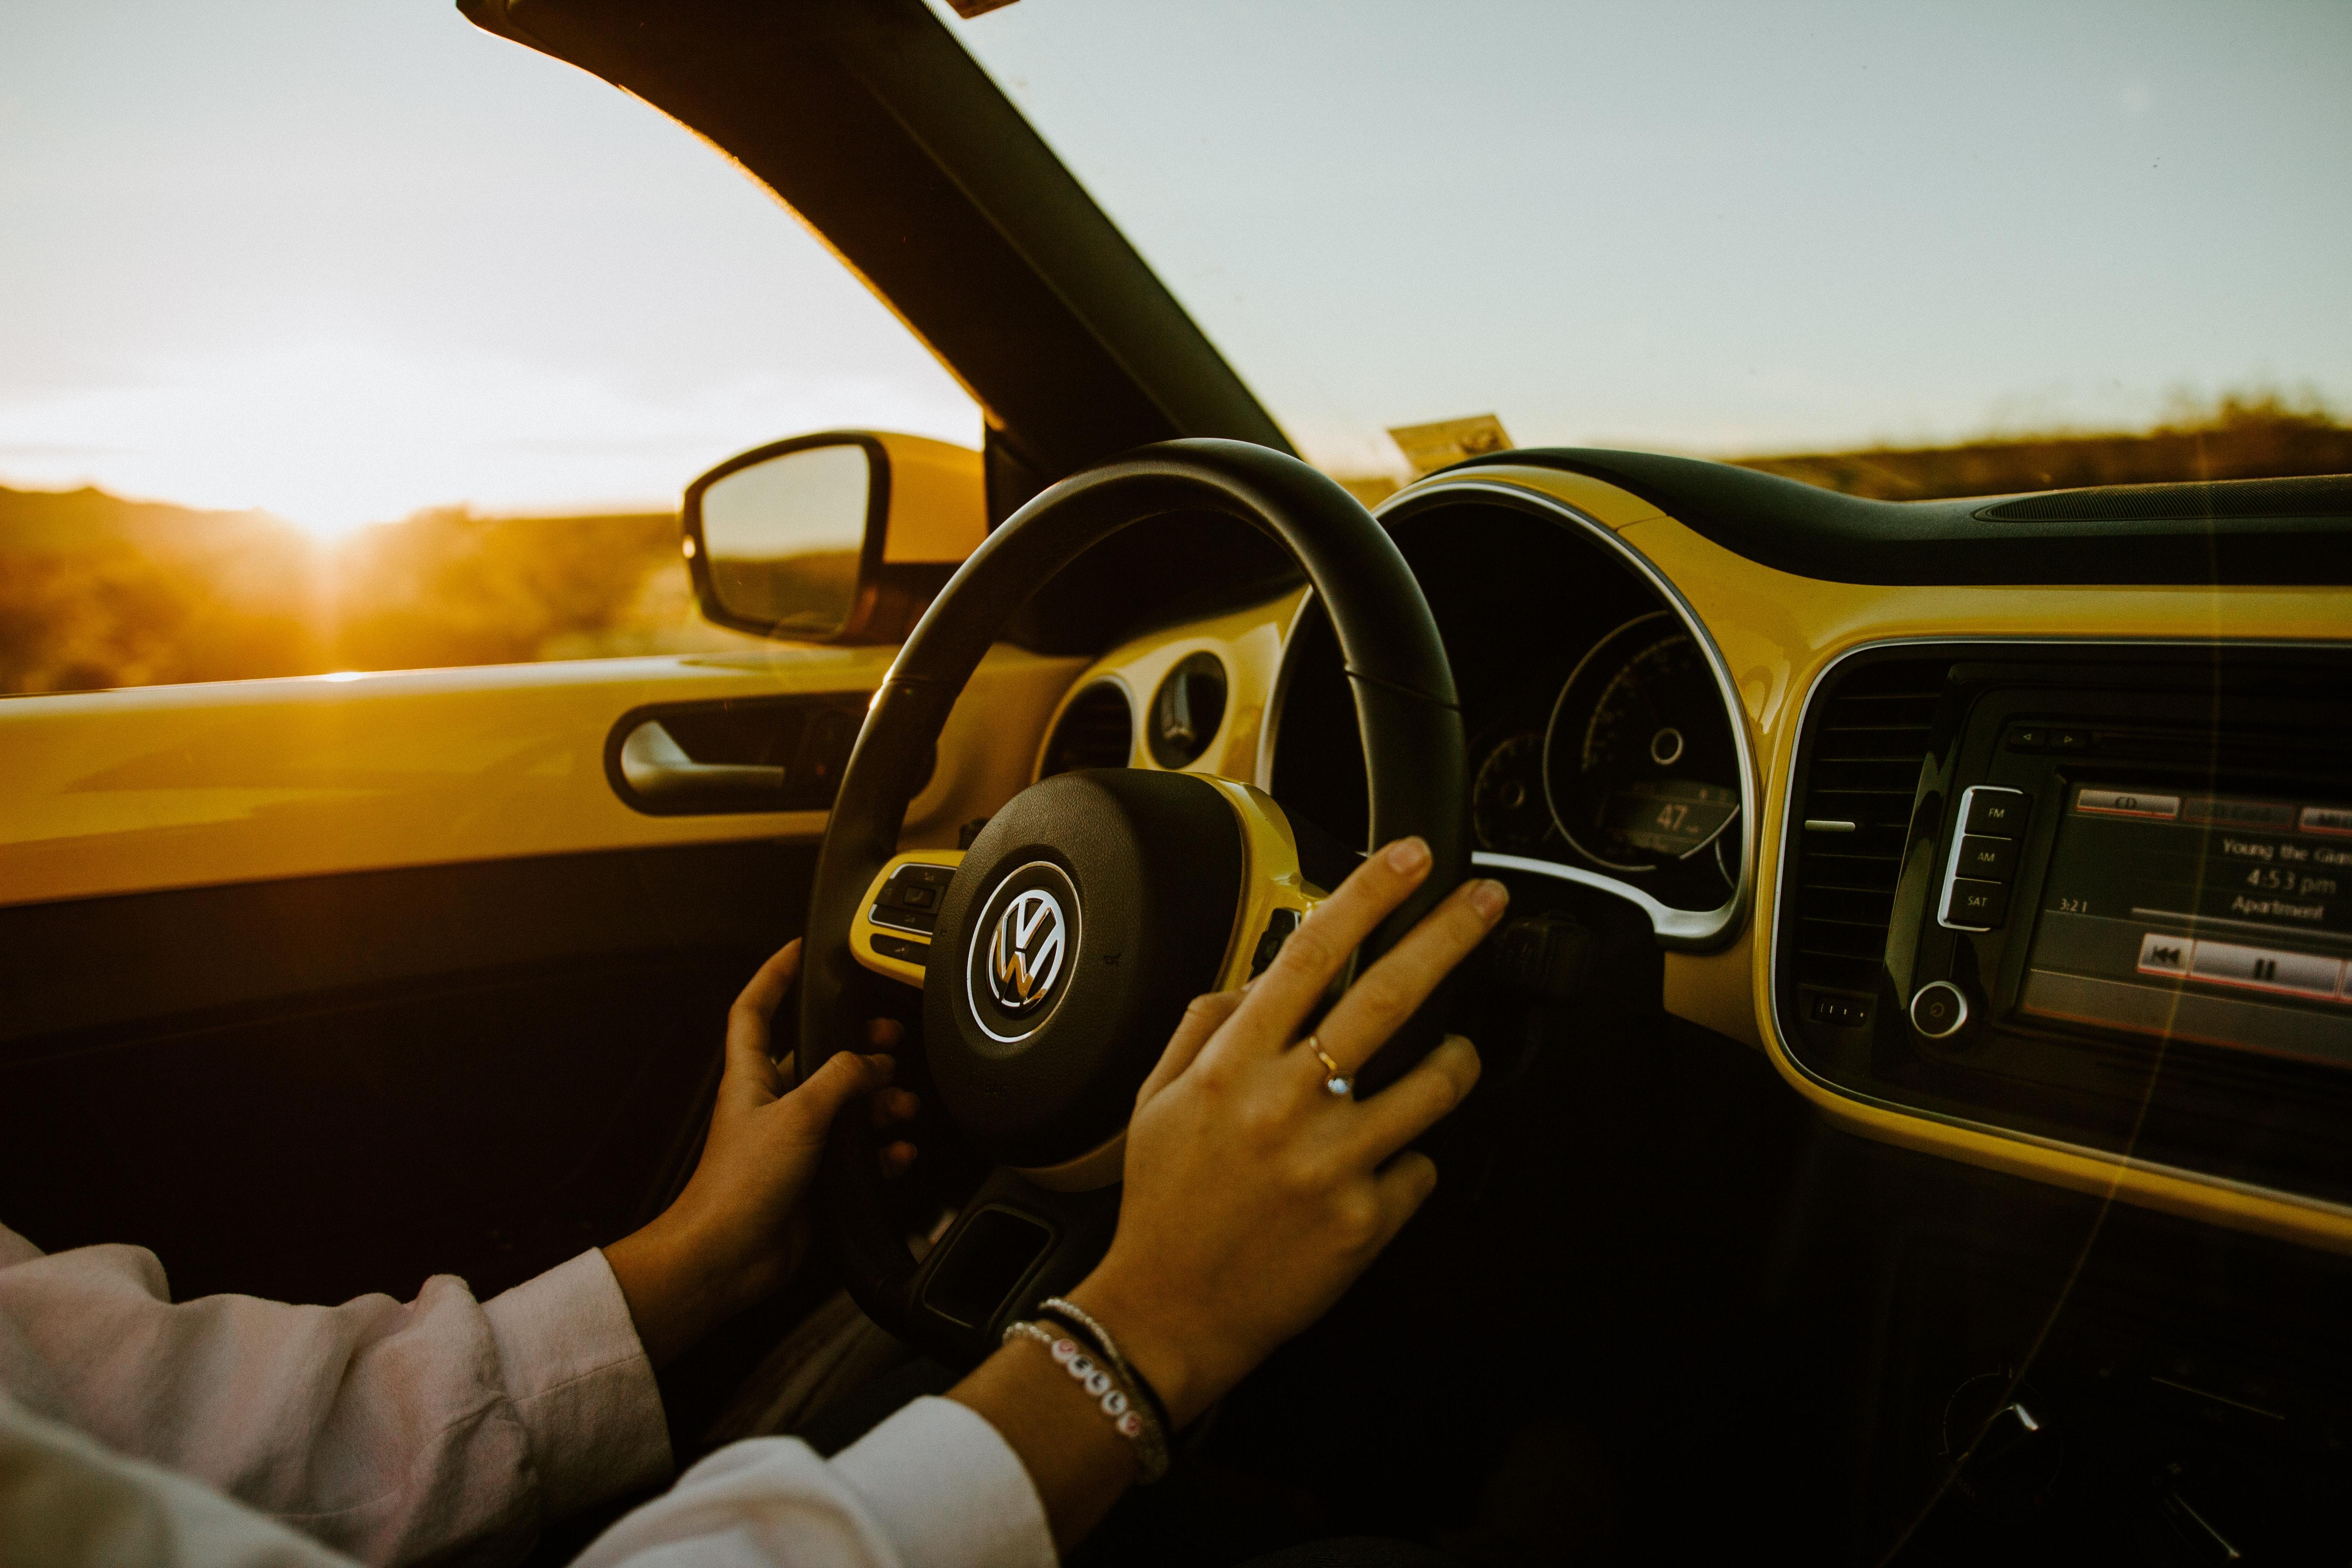 gabe pierce bflg mEkjD0 unsplash - Oplev daglig glæde ved VW-leasing